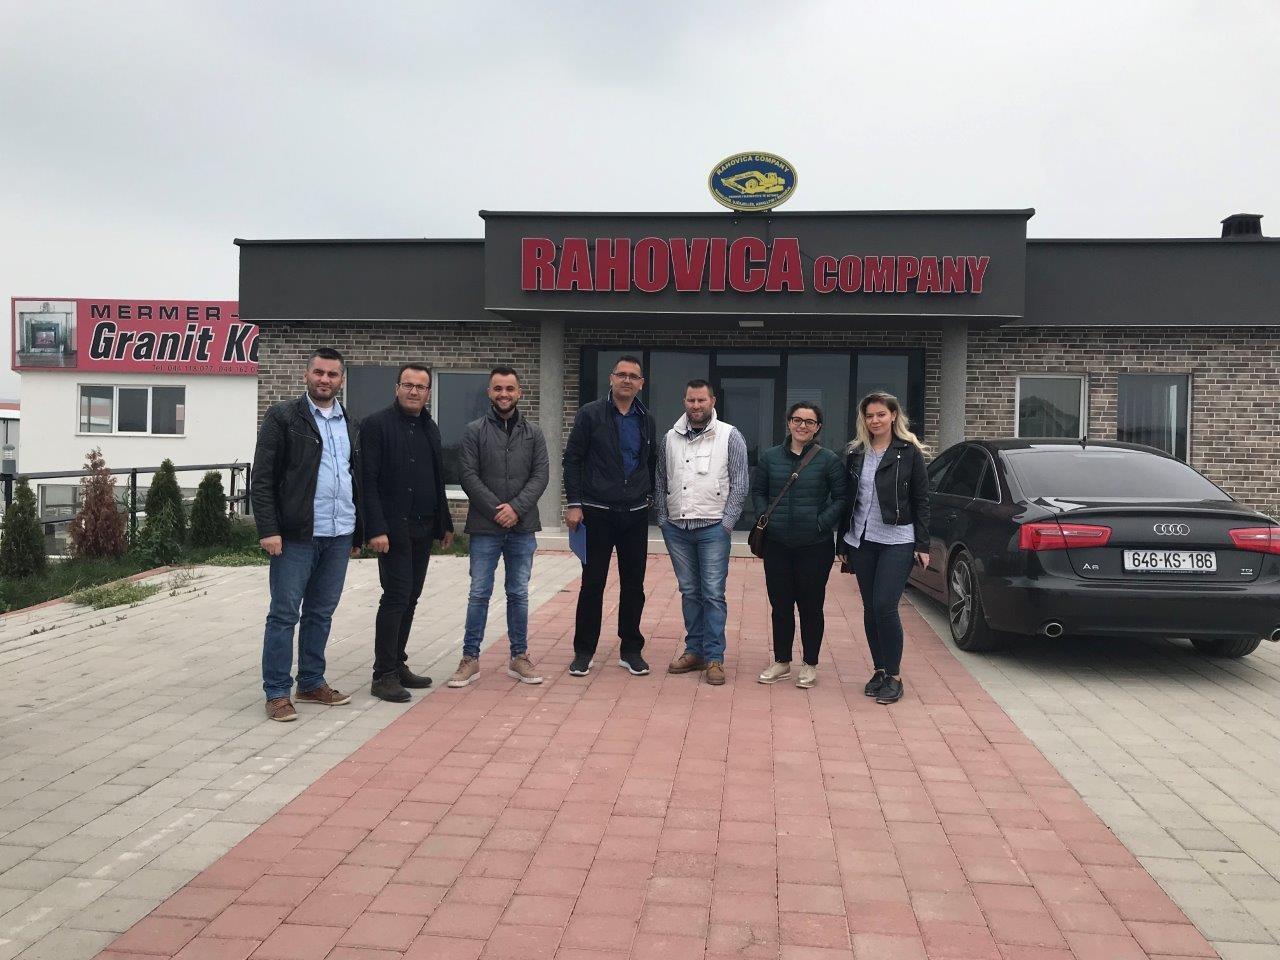 Studentët e Ndërtimtarisë dhe Infrastrukturës informohen mbi aktivitetet dhe projektet e Rahovica Company